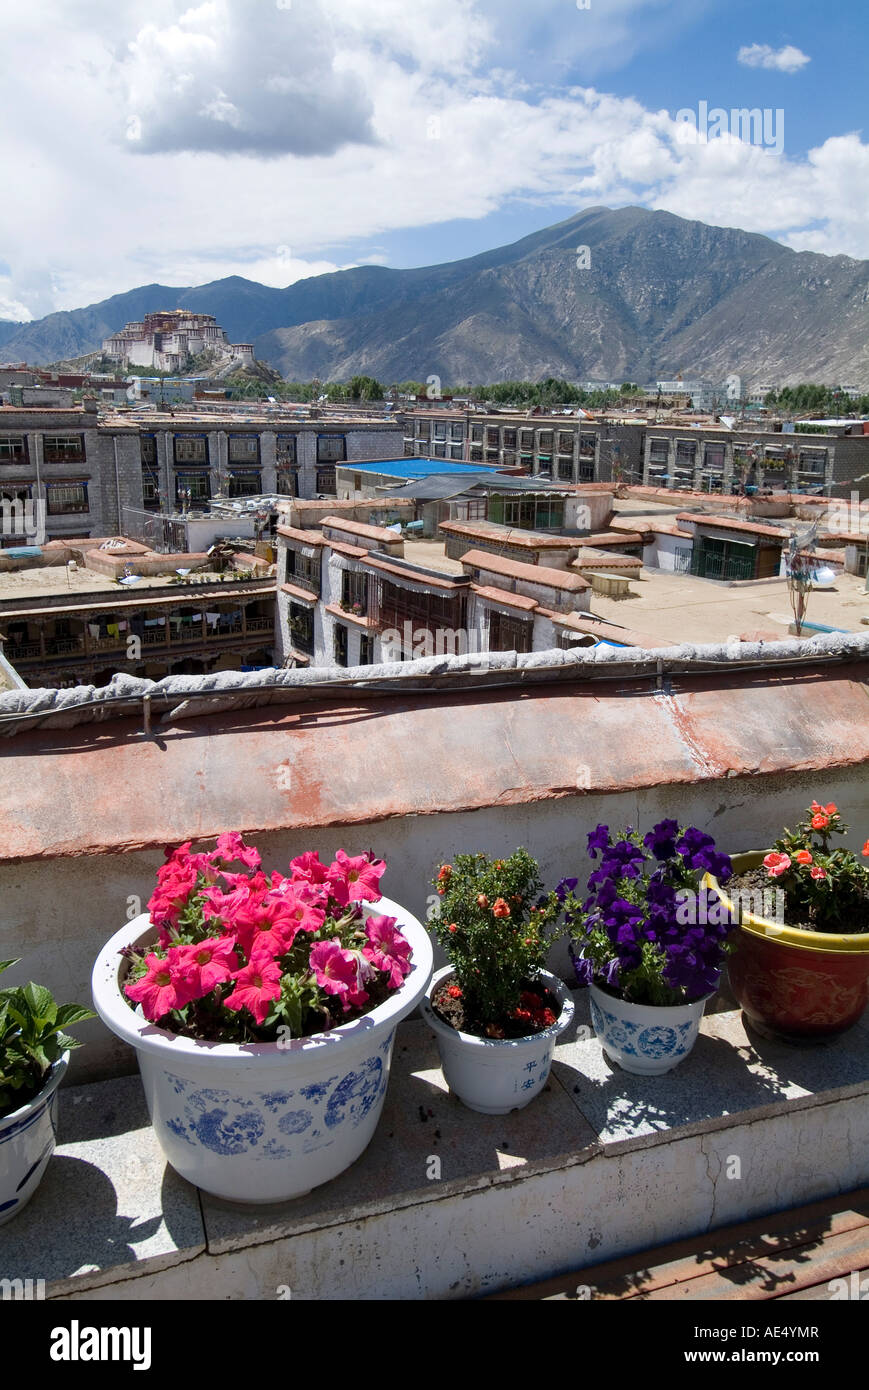 View over Lhasa looking towards Potala Palace, Lhasa, Tibet, China, Asia - Stock Image